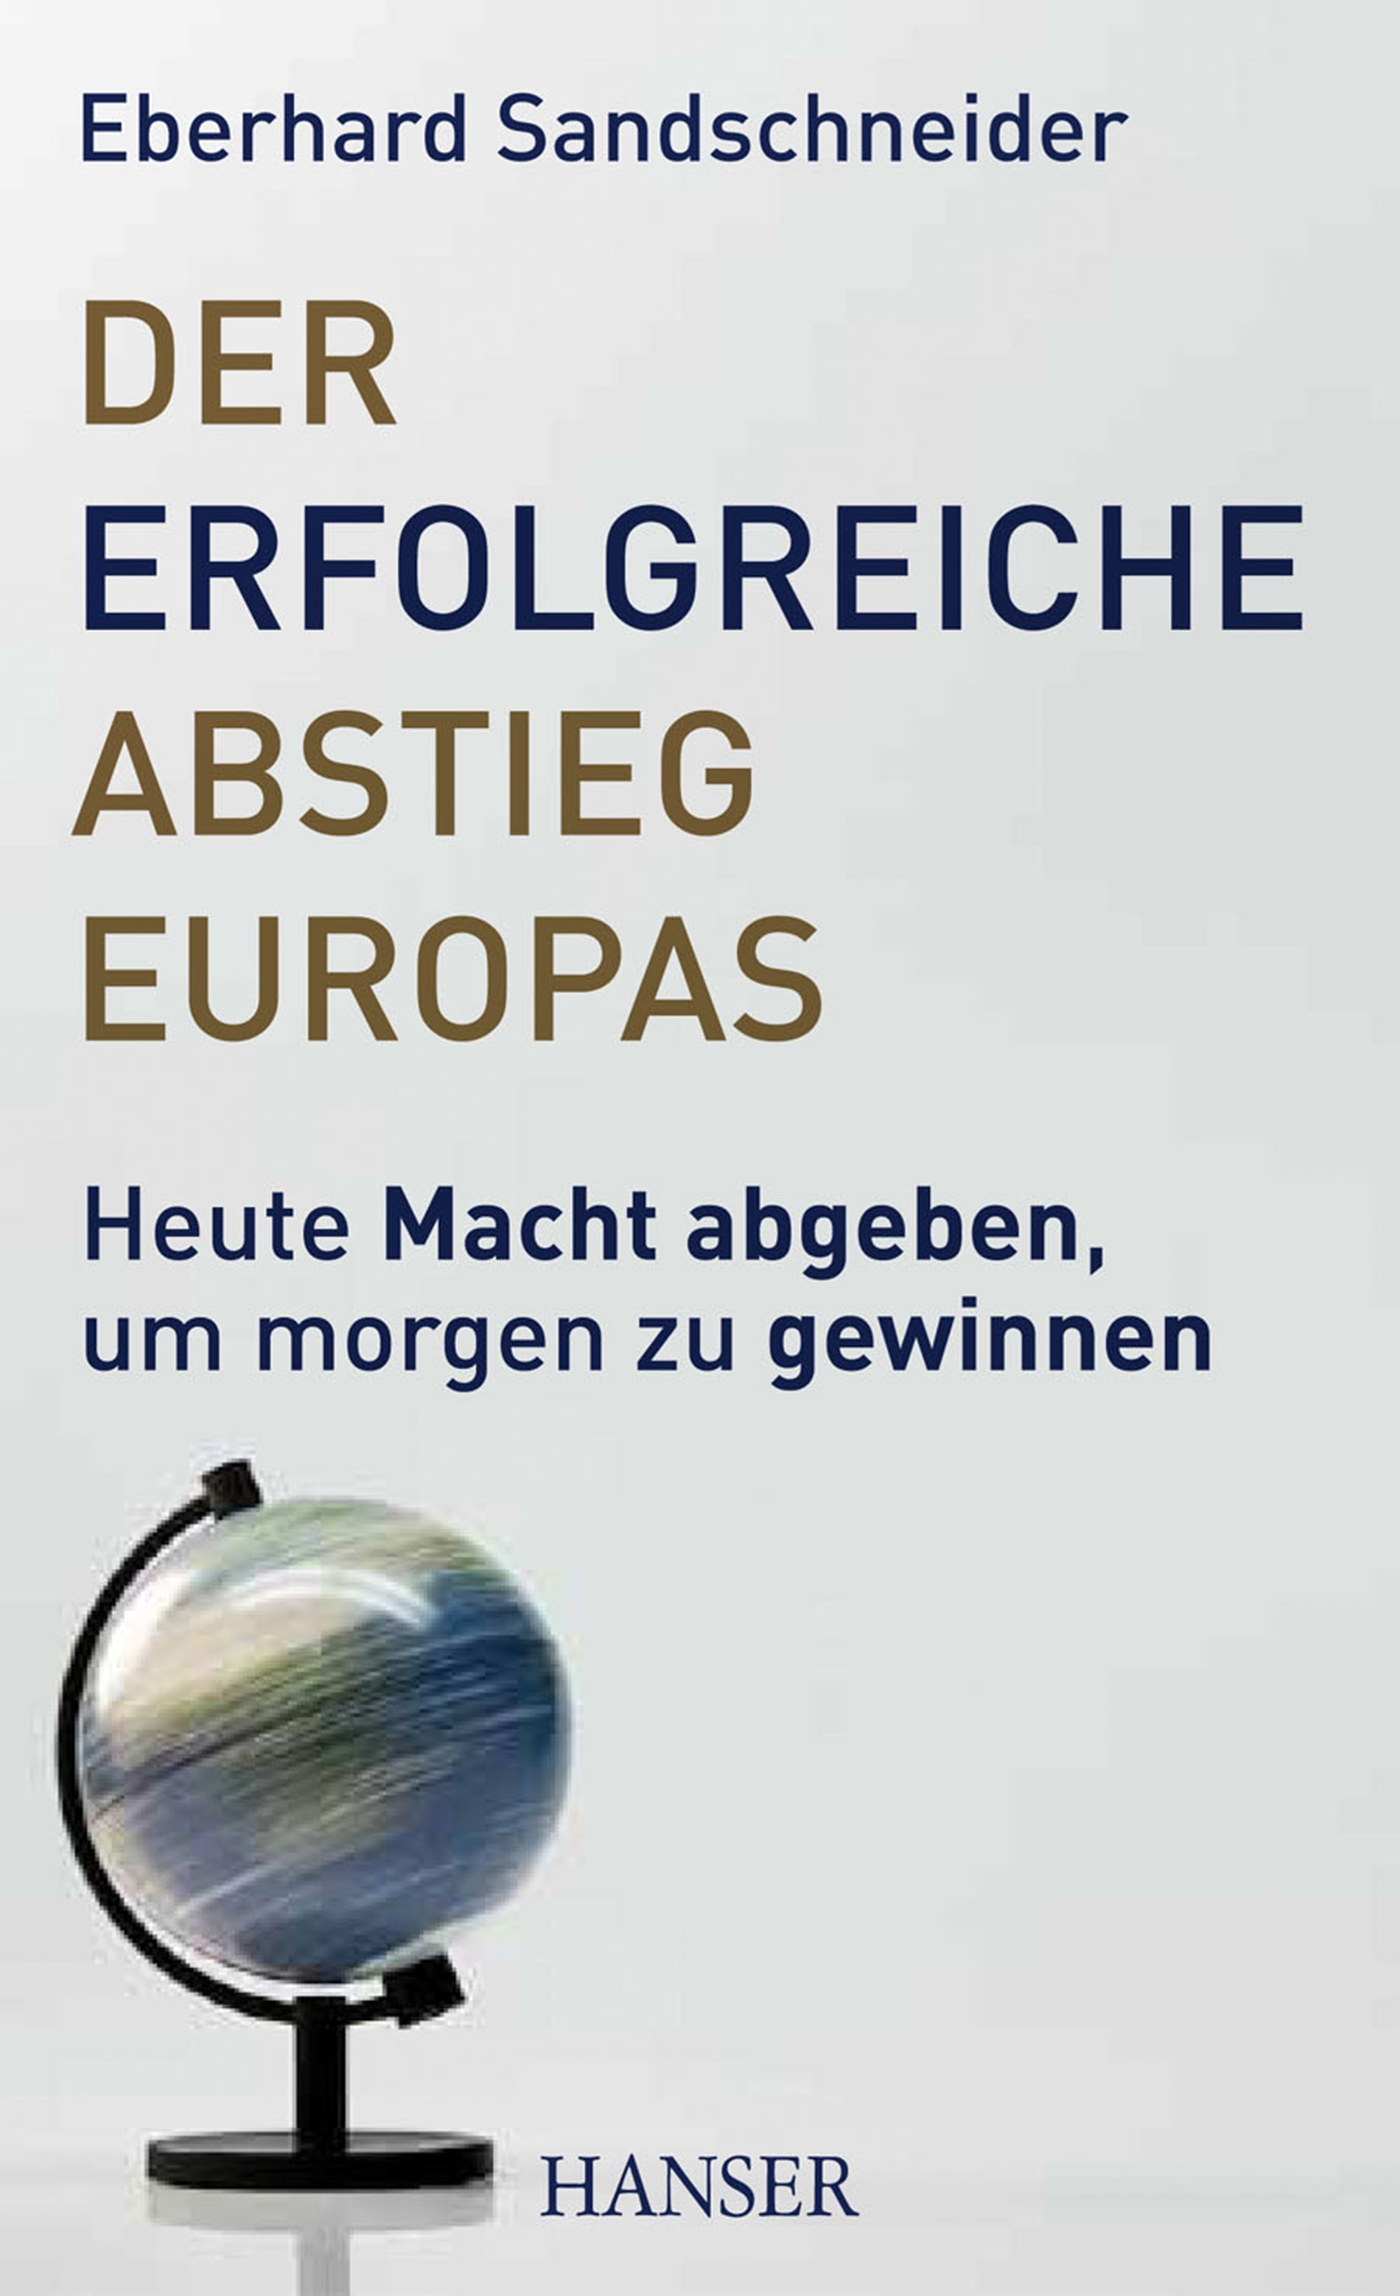 Der erfolgreiche Abstieg Europas